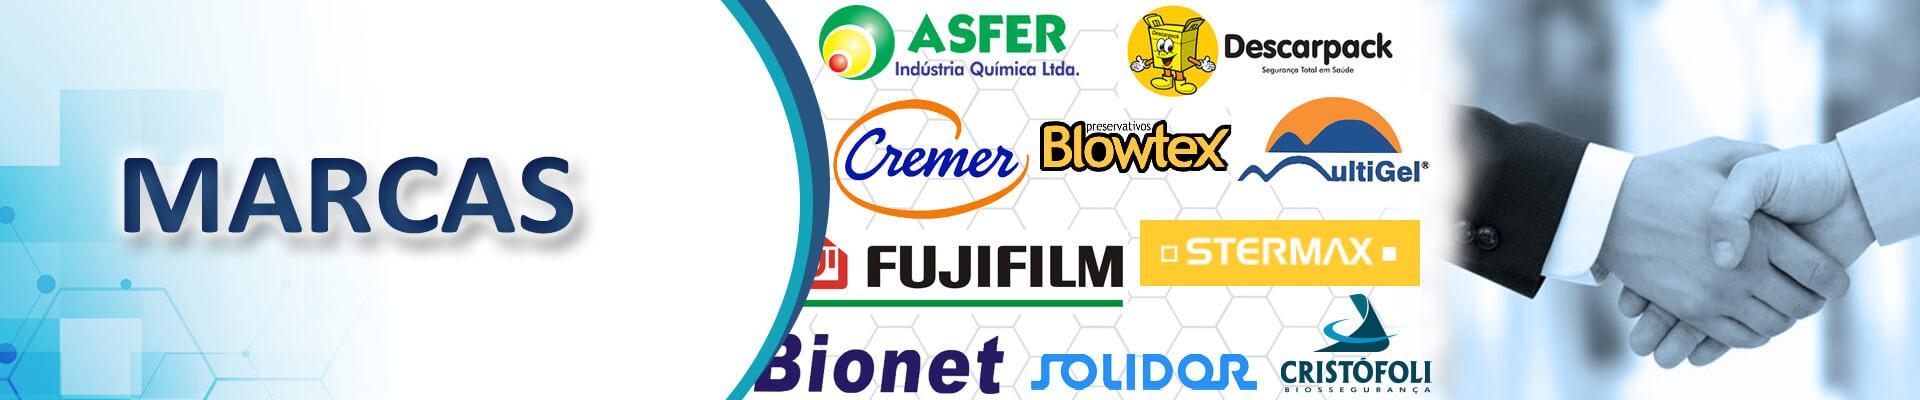 Banner principal da categoria marcas